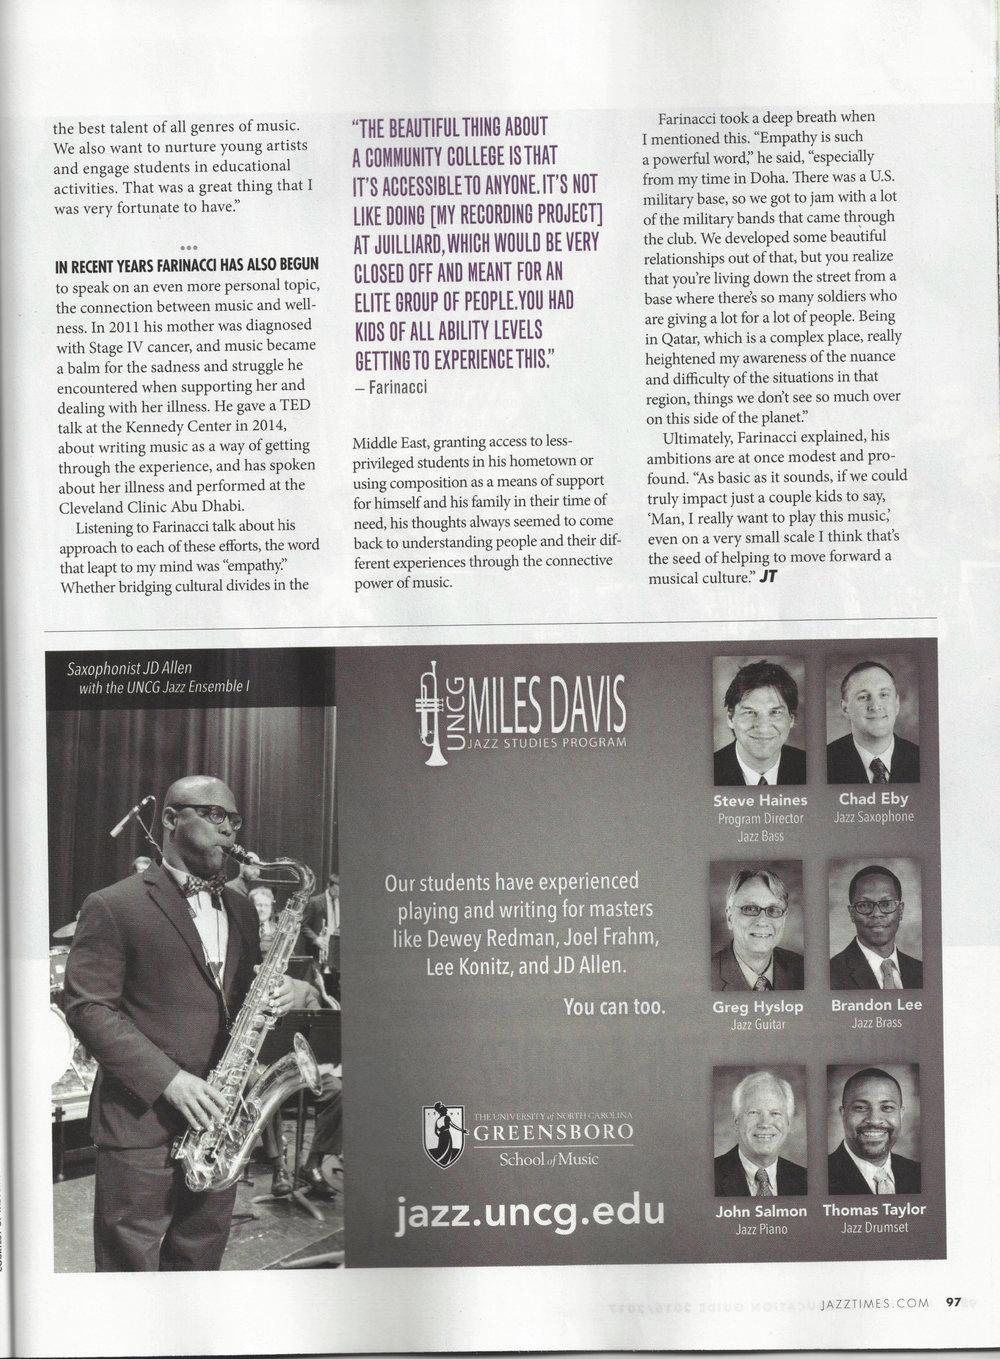 JazzTimesFeature_Page_5.jpg